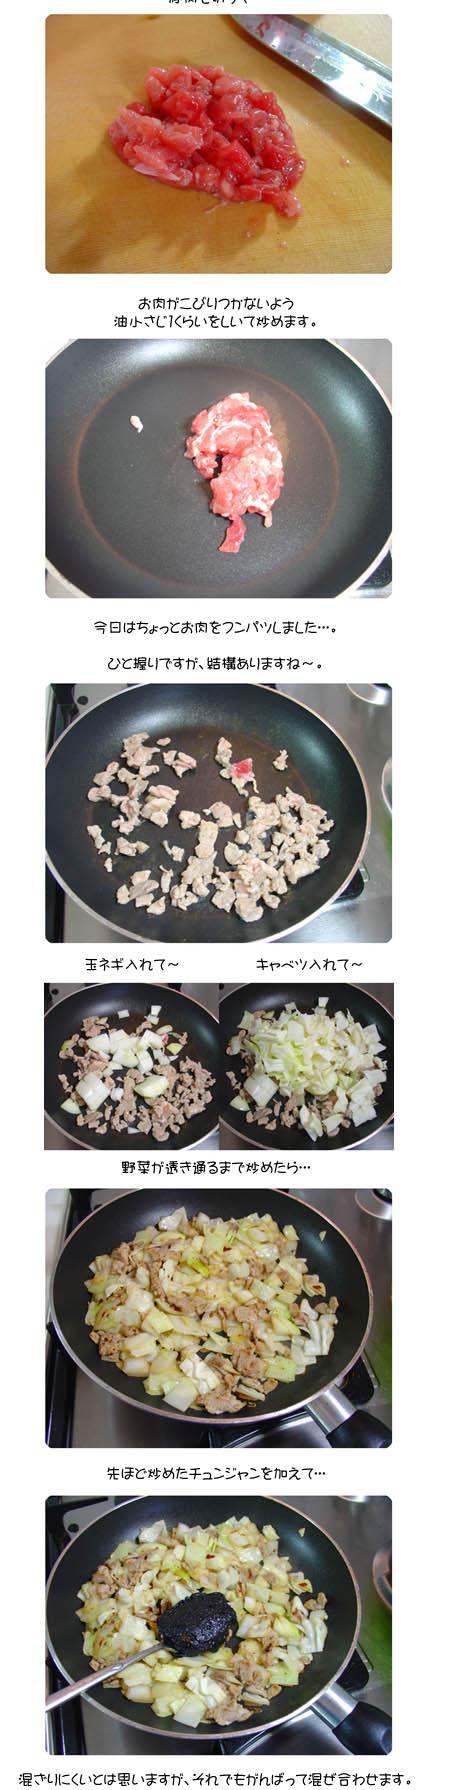 チャジャンパプ(ジャージャー飯)